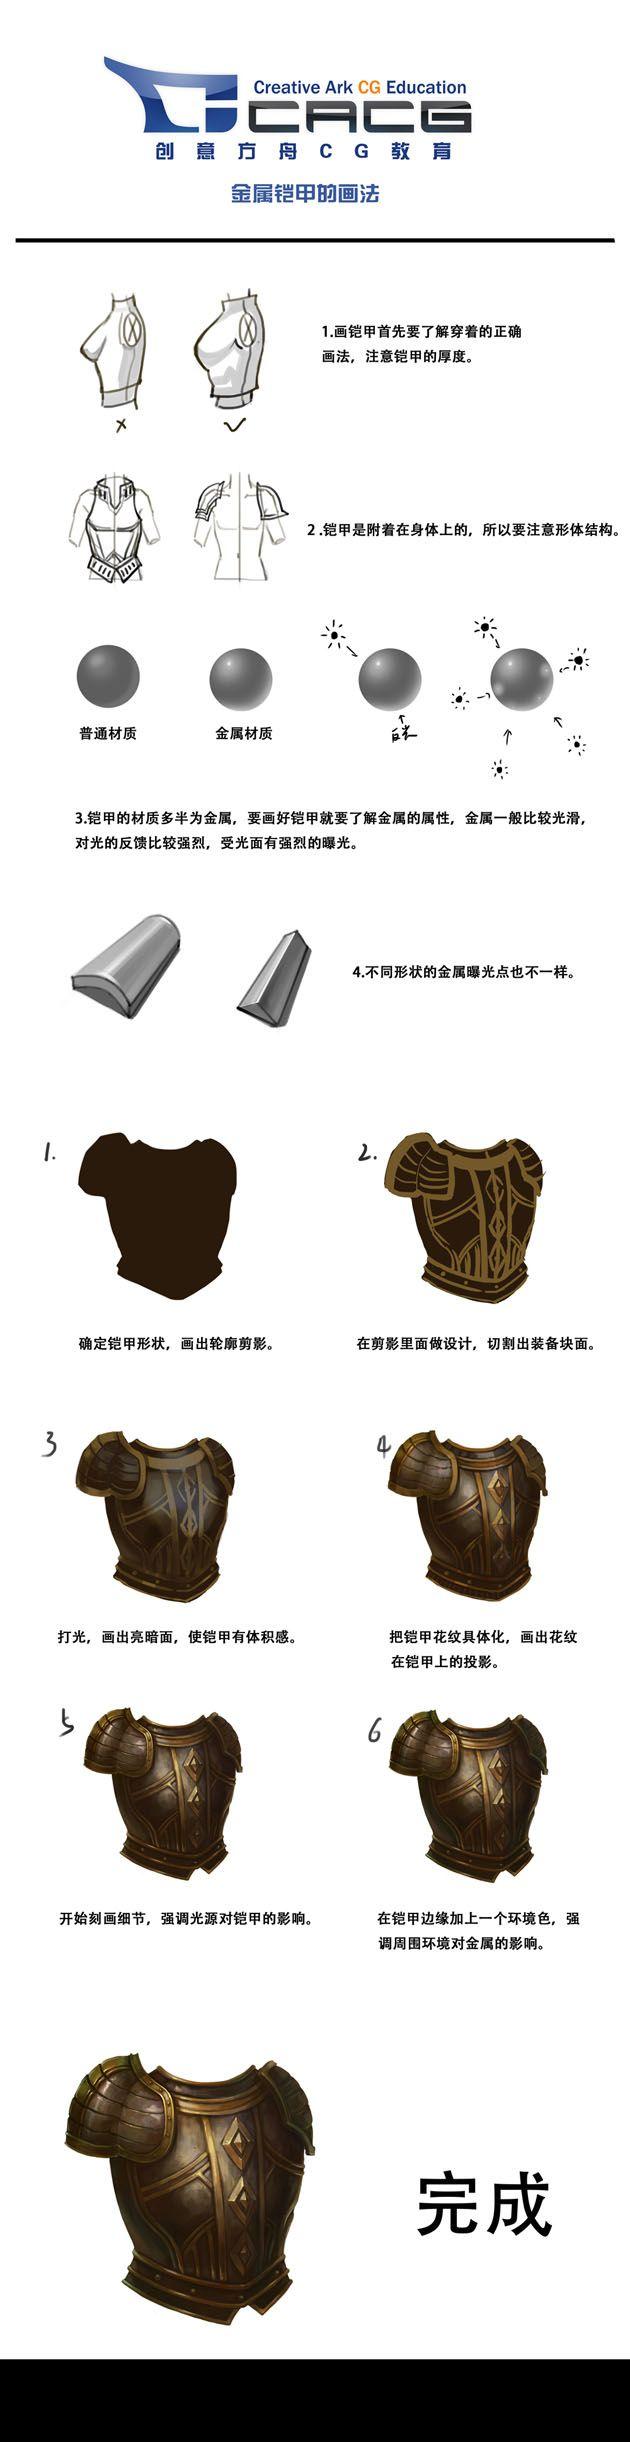 本周分享一个《铠甲的绘制过程》